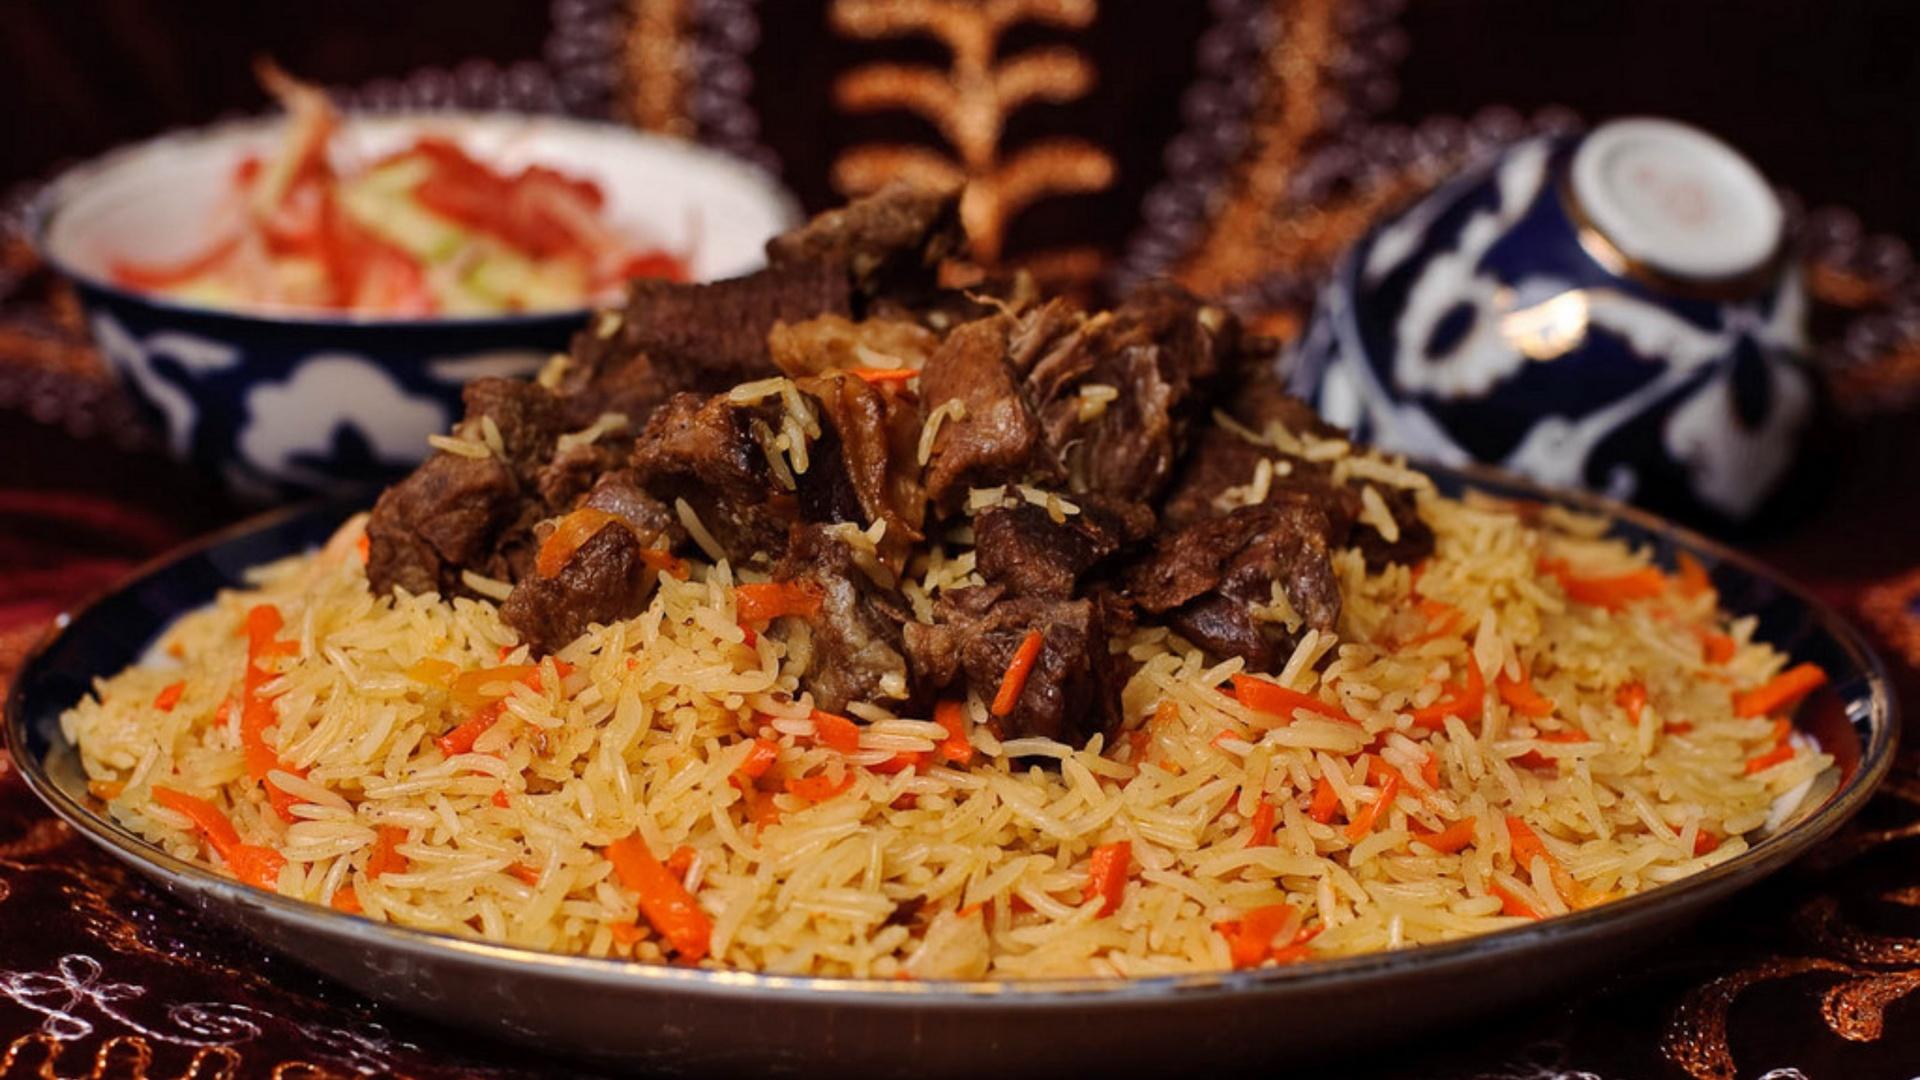 Плов по туркменски пошаговый рецепт